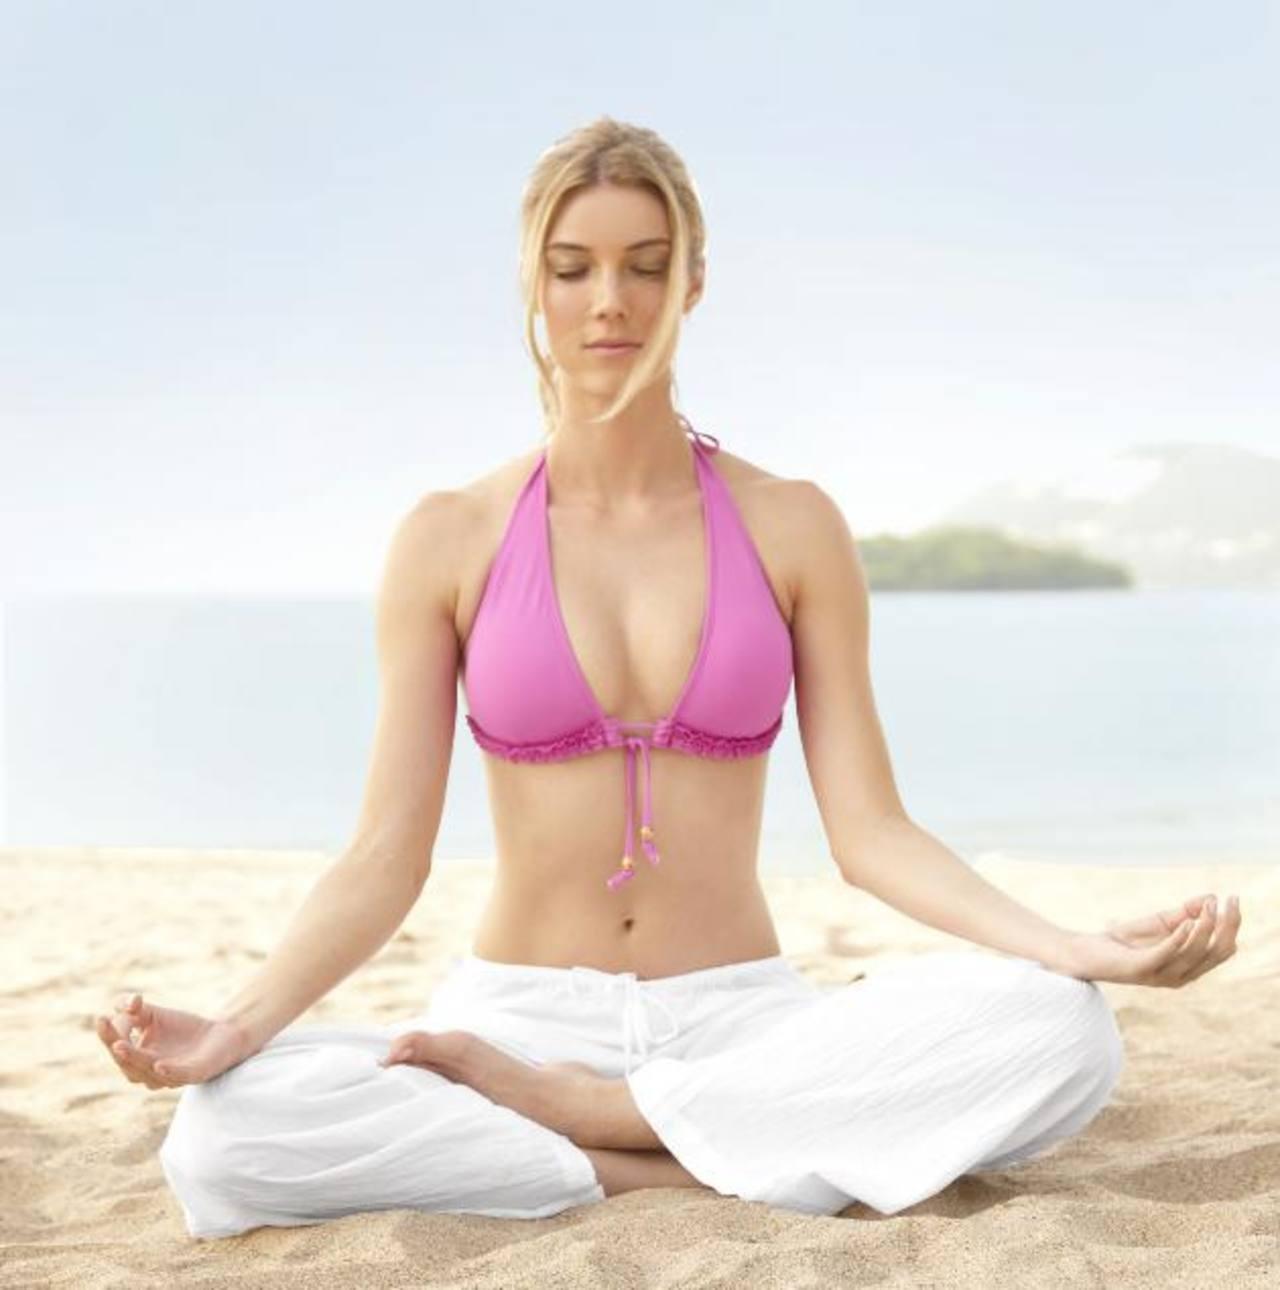 Con sus diversas prácticas físicas, espirituales y meditativas, el yoga brinda beneficios para el bienestar integral. foto EDH